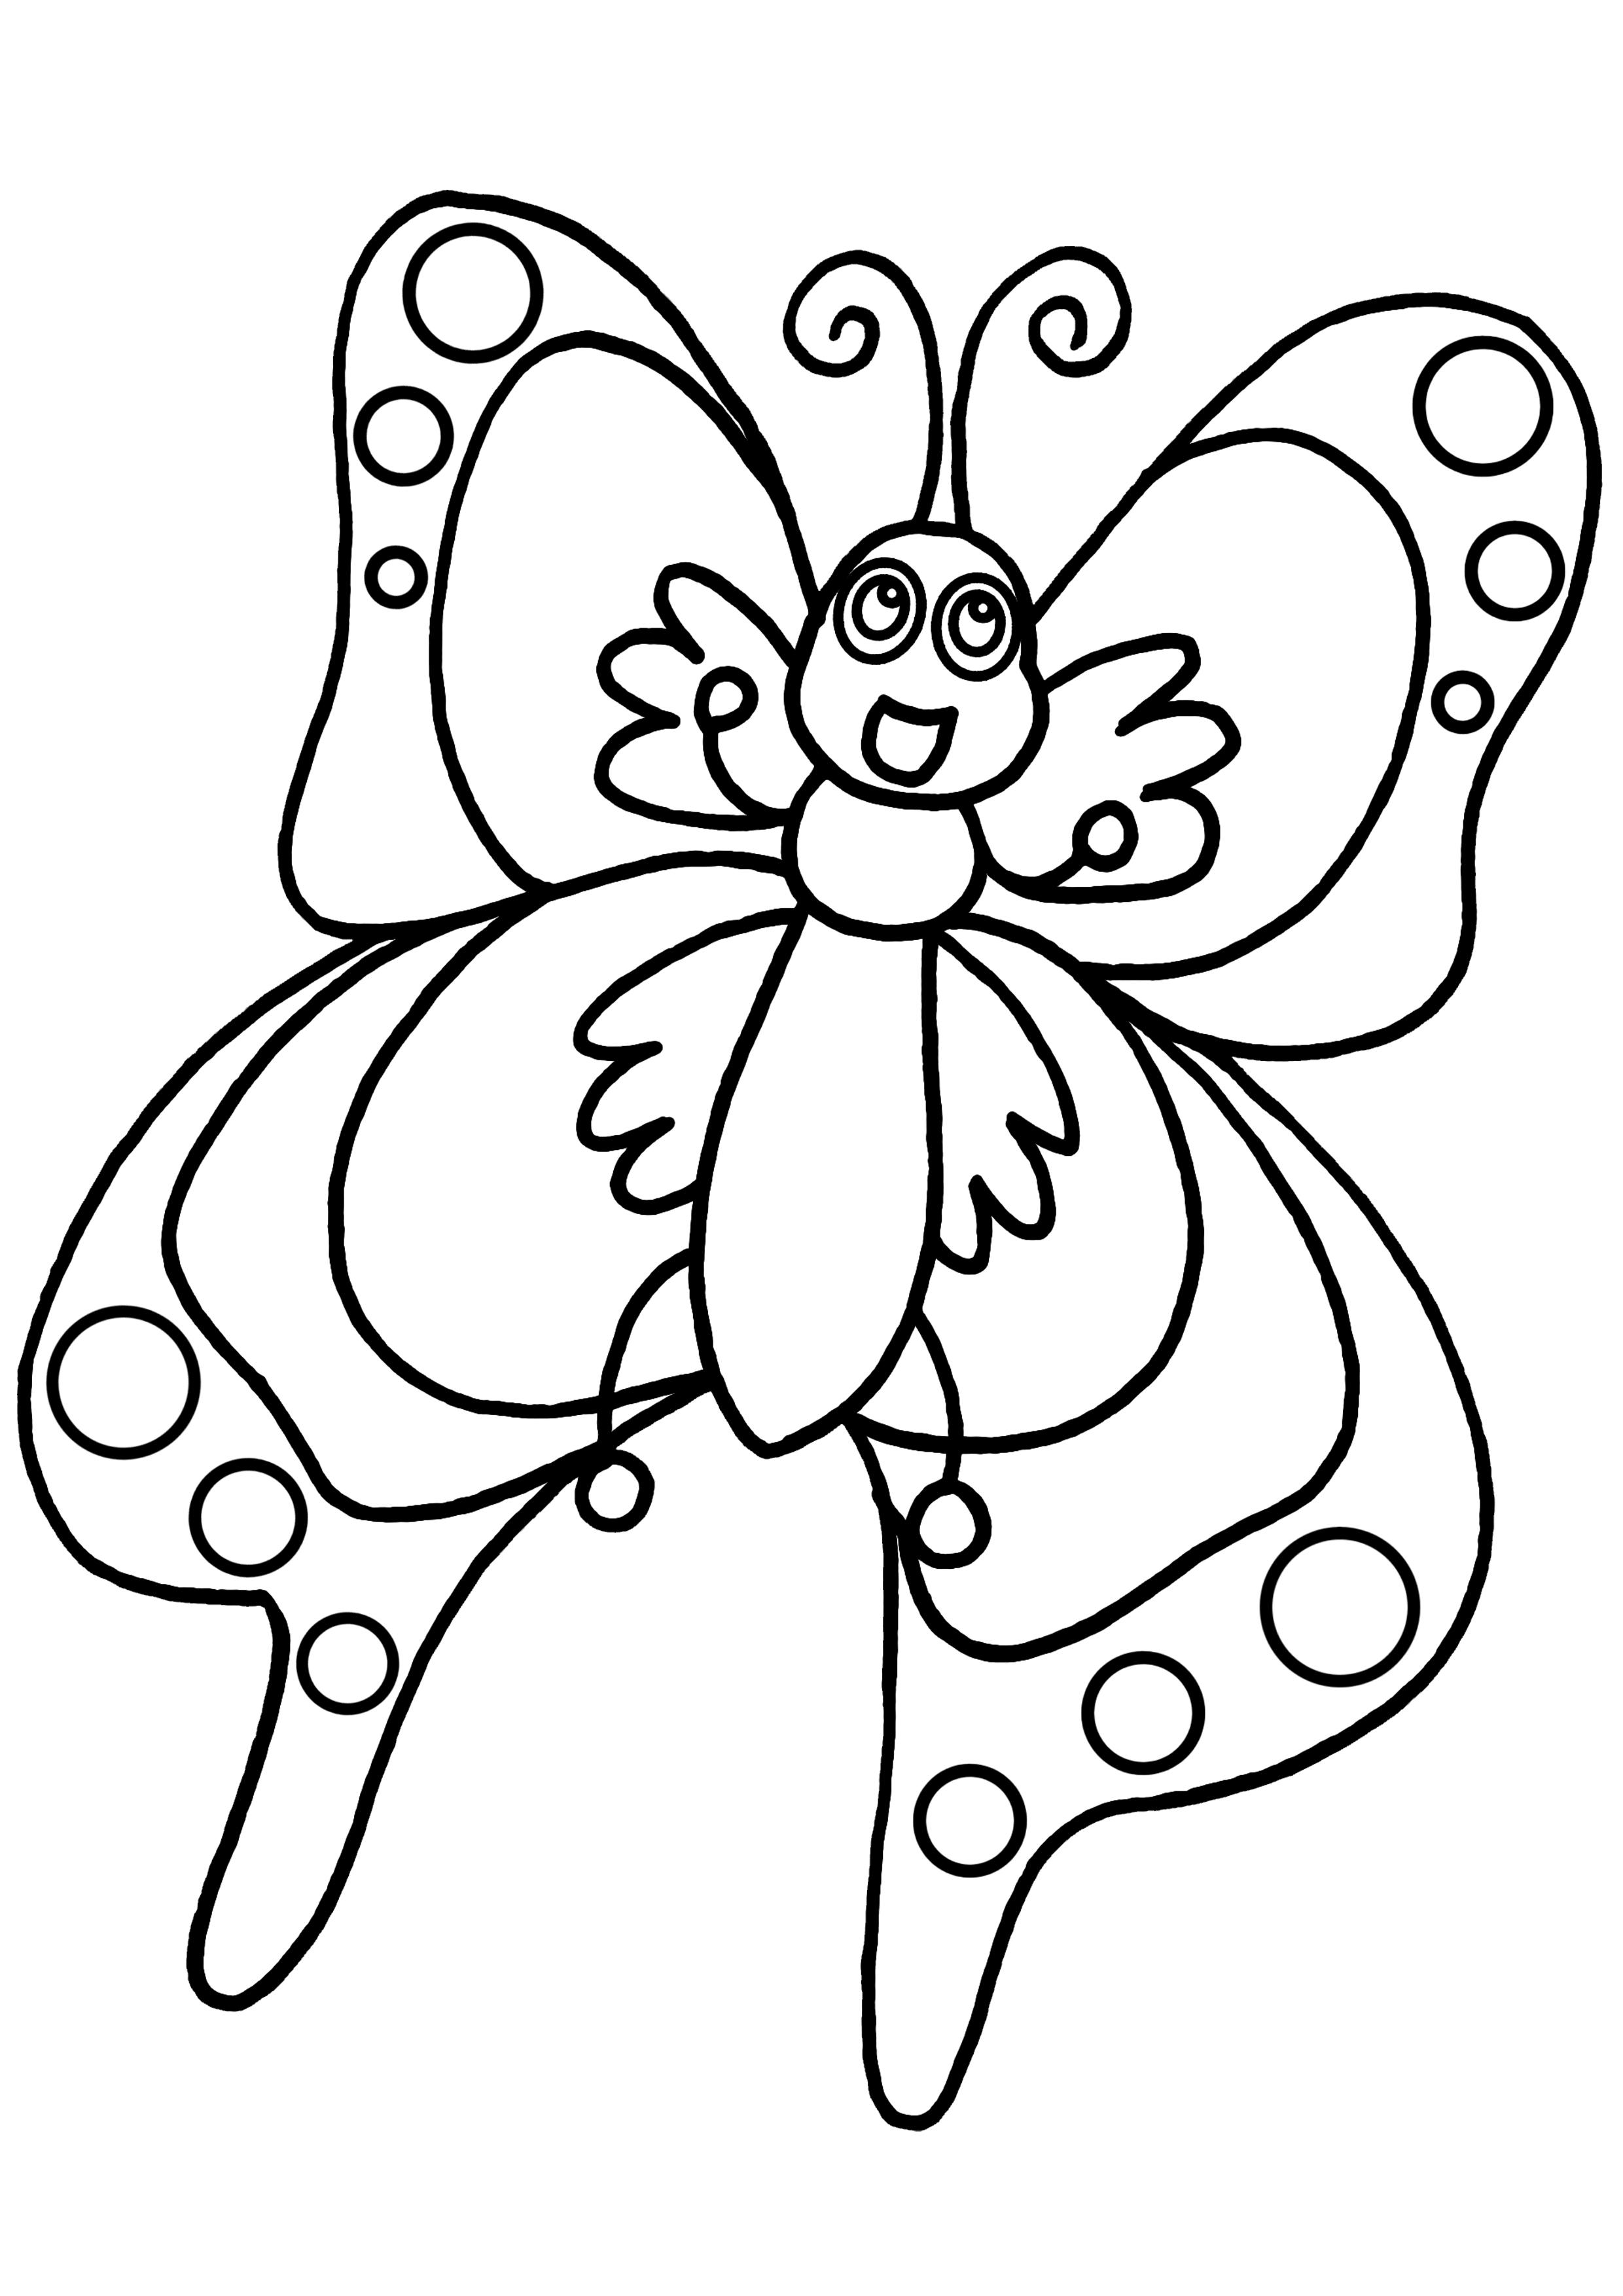 110 dibujos de Mariposas para colorear | Oh Kids | Page 11